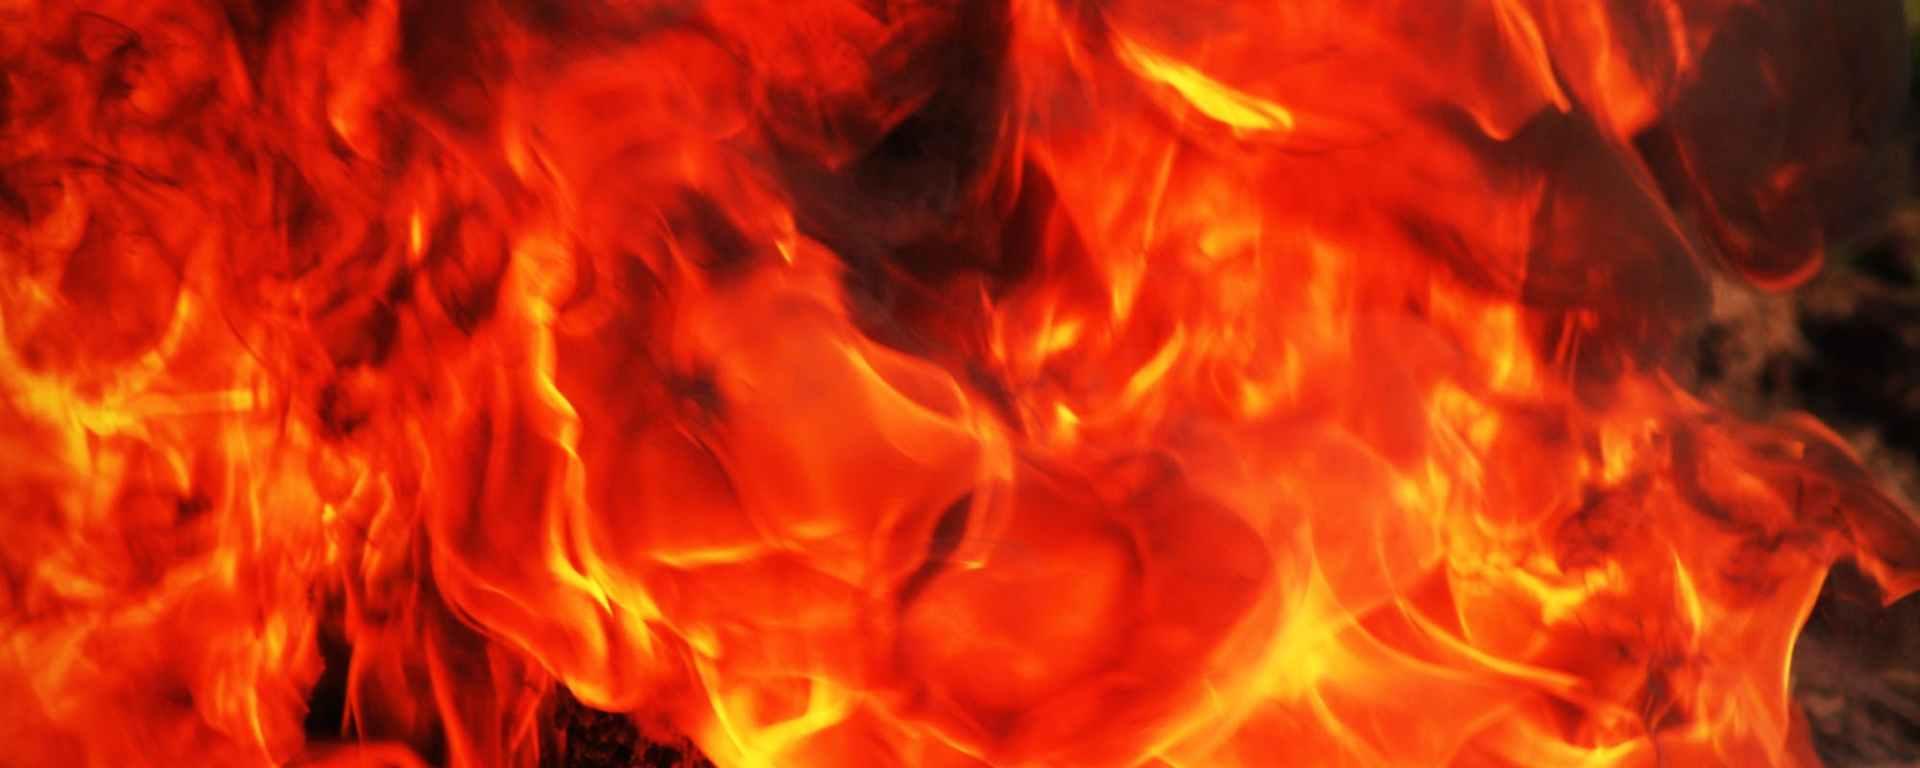 prescribed burn wildfire